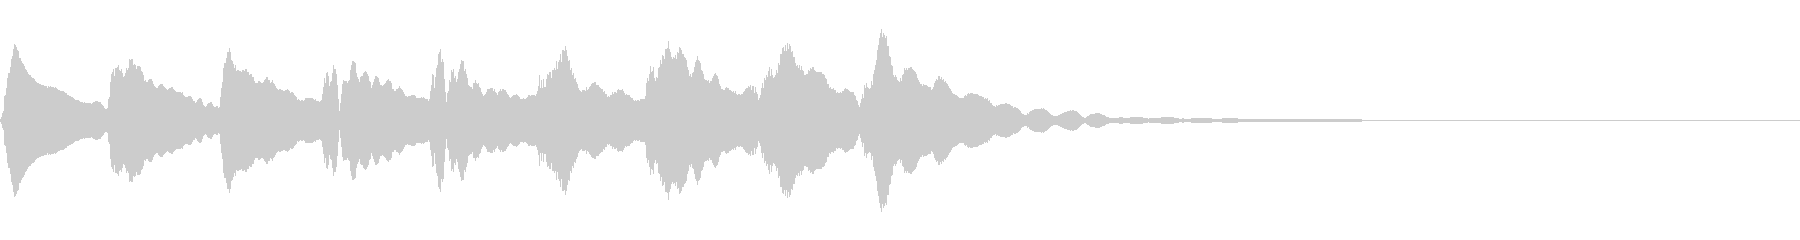 マリンバの下降音の未再生の波形